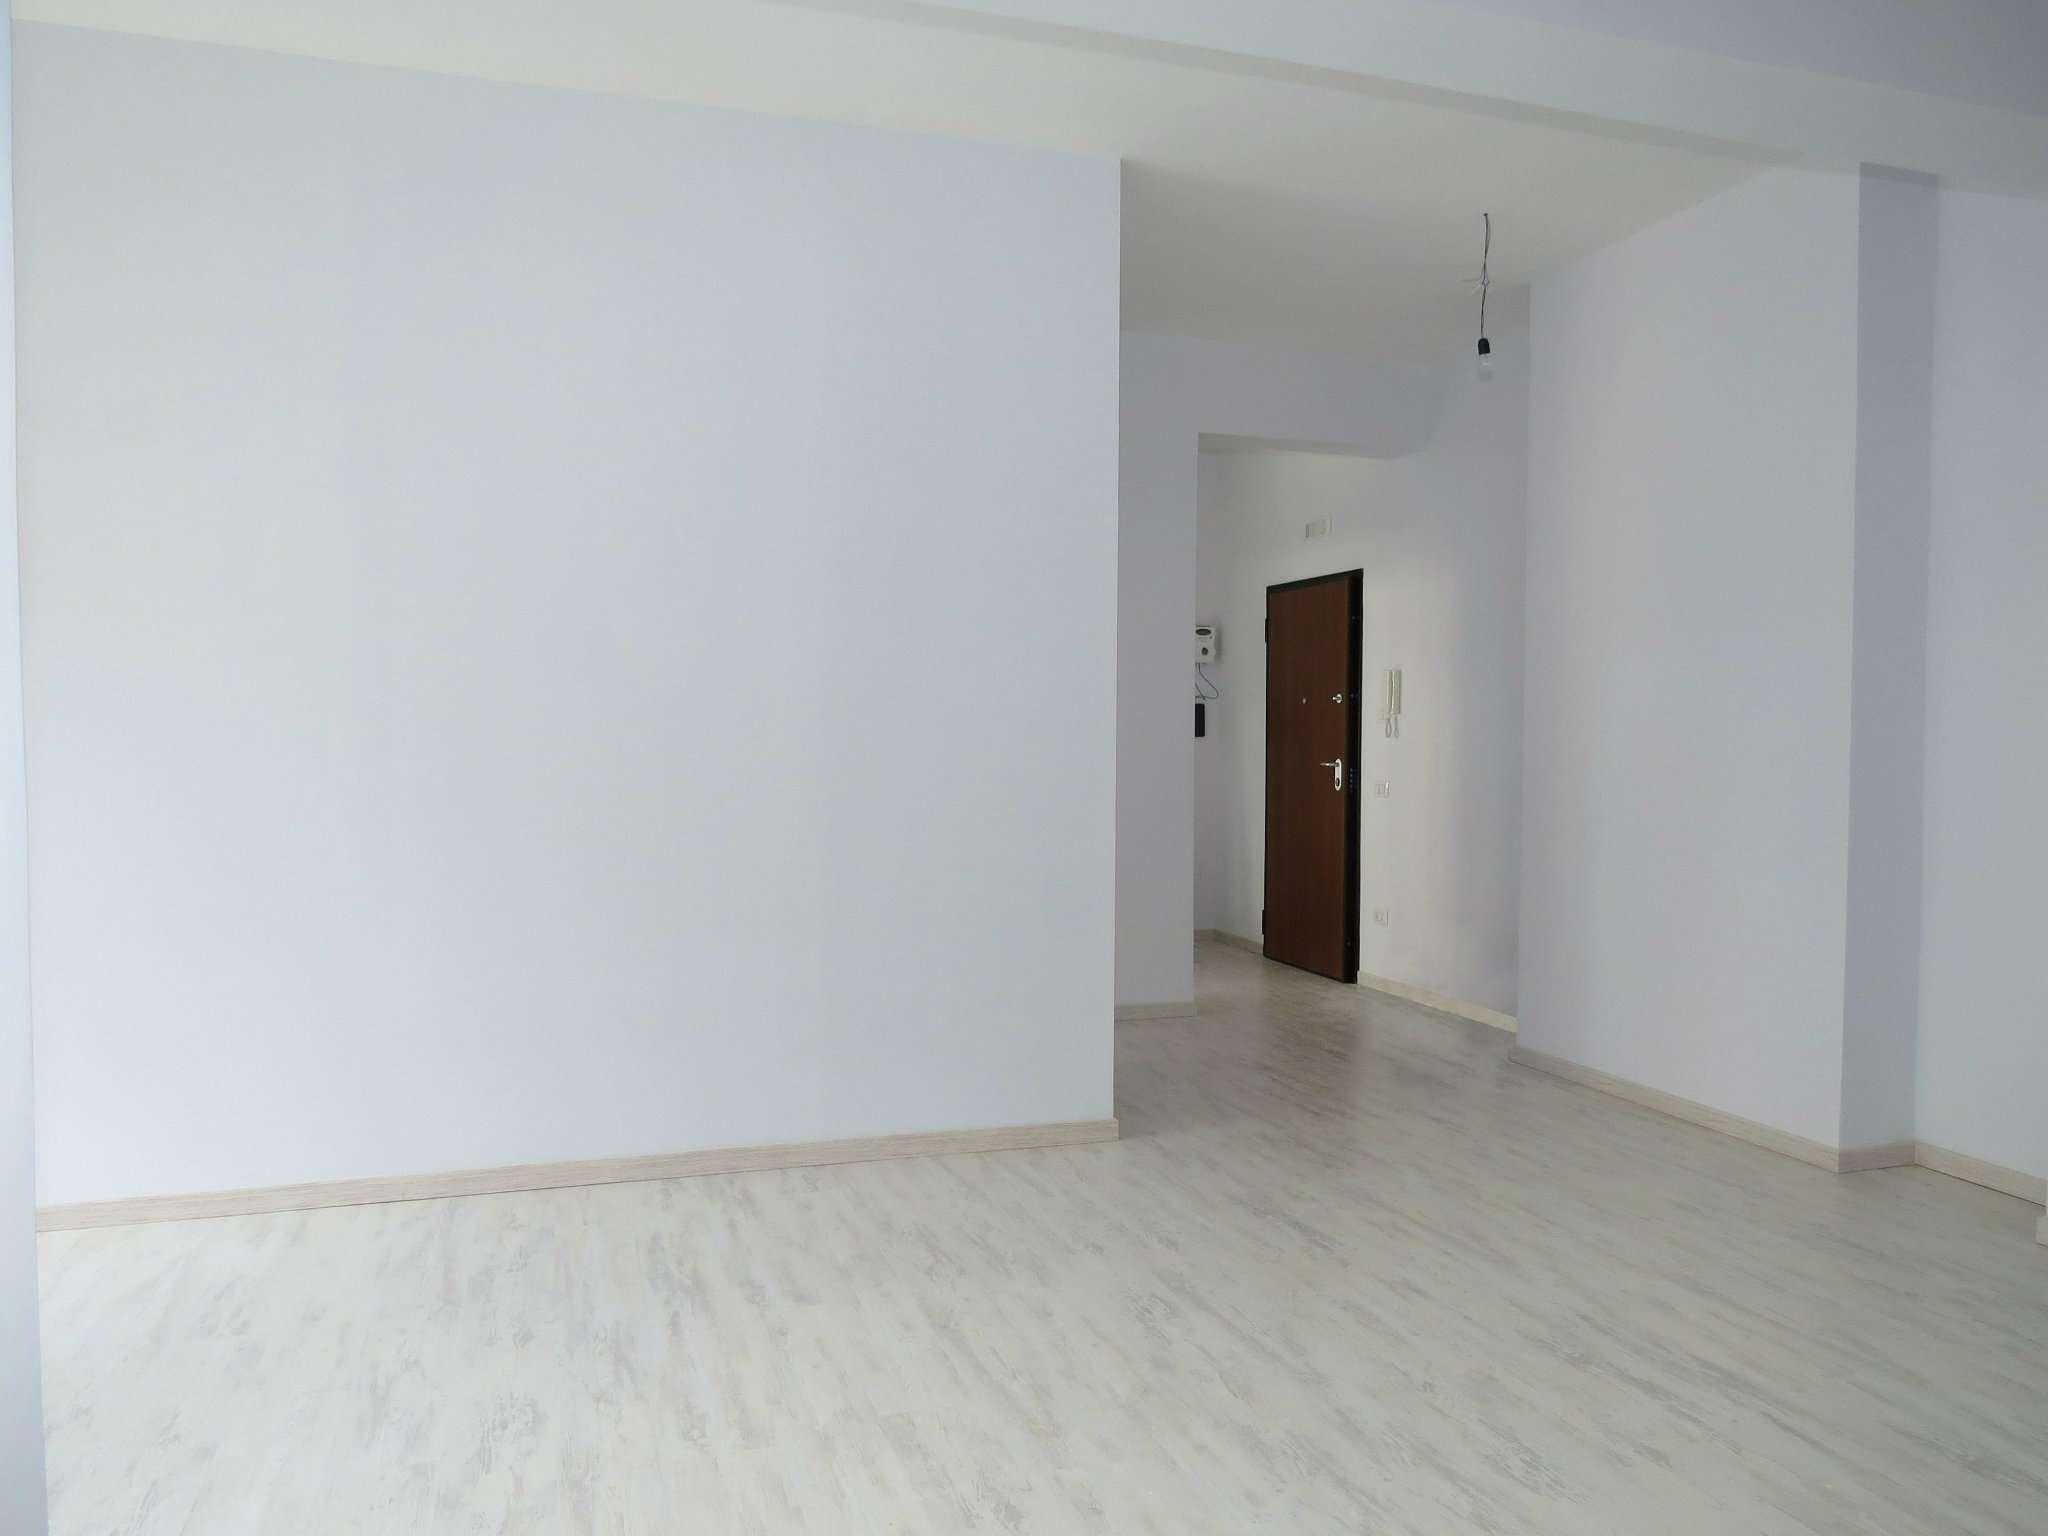 Appartamento in affitto a Napoli, 3 locali, zona Zona: 1 . Chiaia, Posillipo, San Ferdinando, prezzo € 1.200 | CambioCasa.it